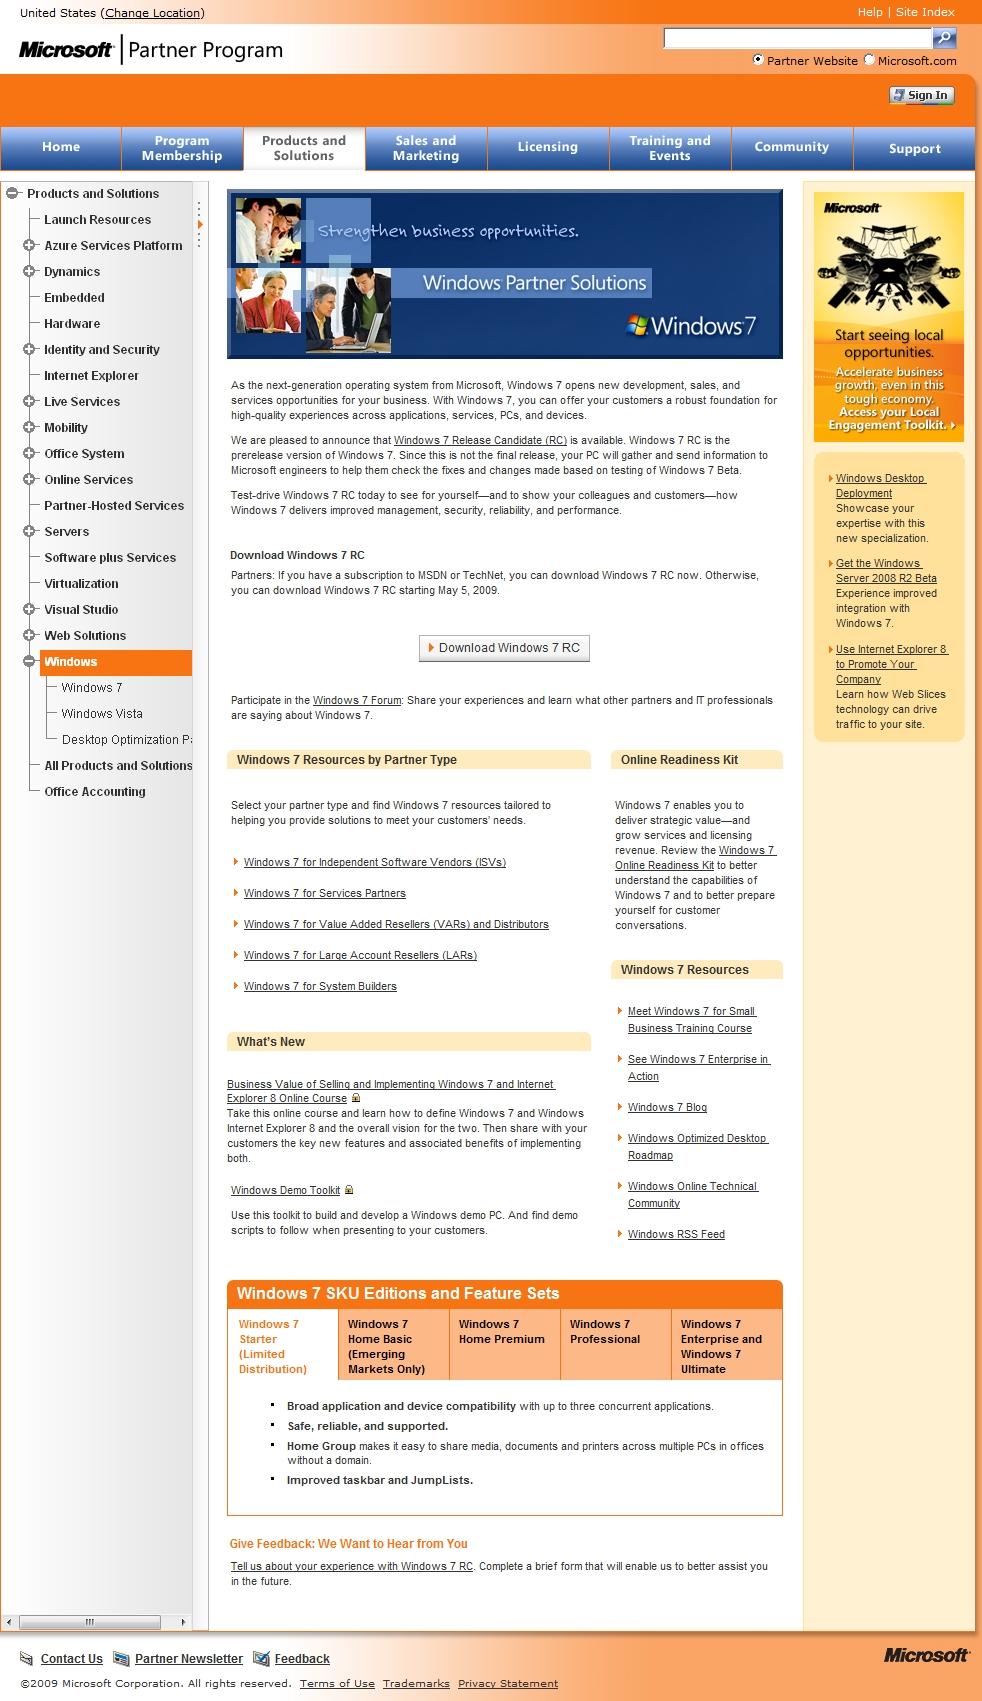 MS 파트너를 위한 윈도우7  RC 버전 다운로드링크